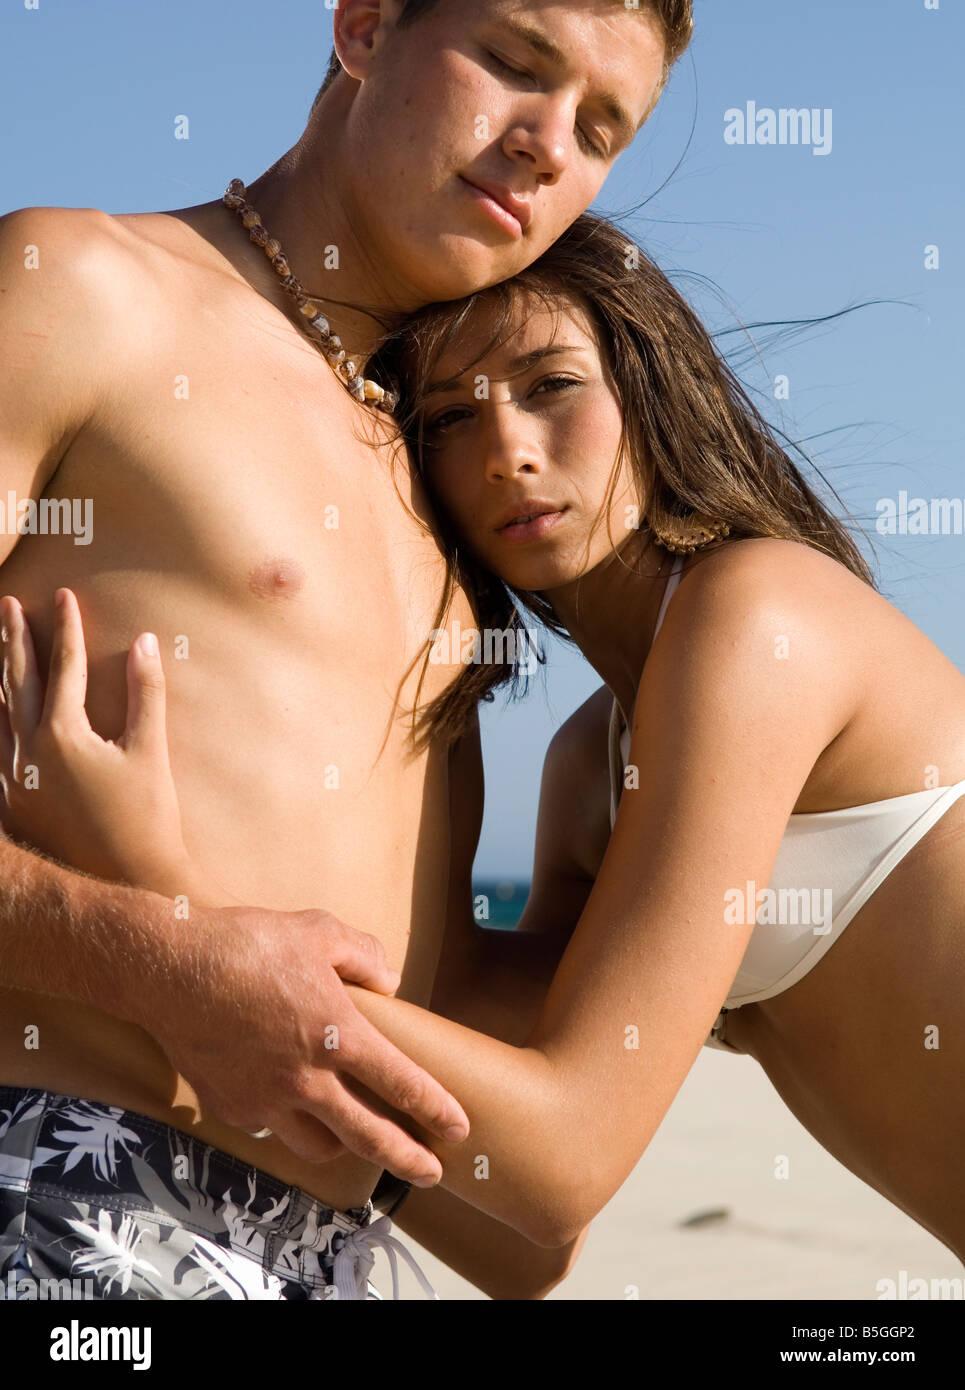 Los jóvenes amantes abrazos Imagen De Stock